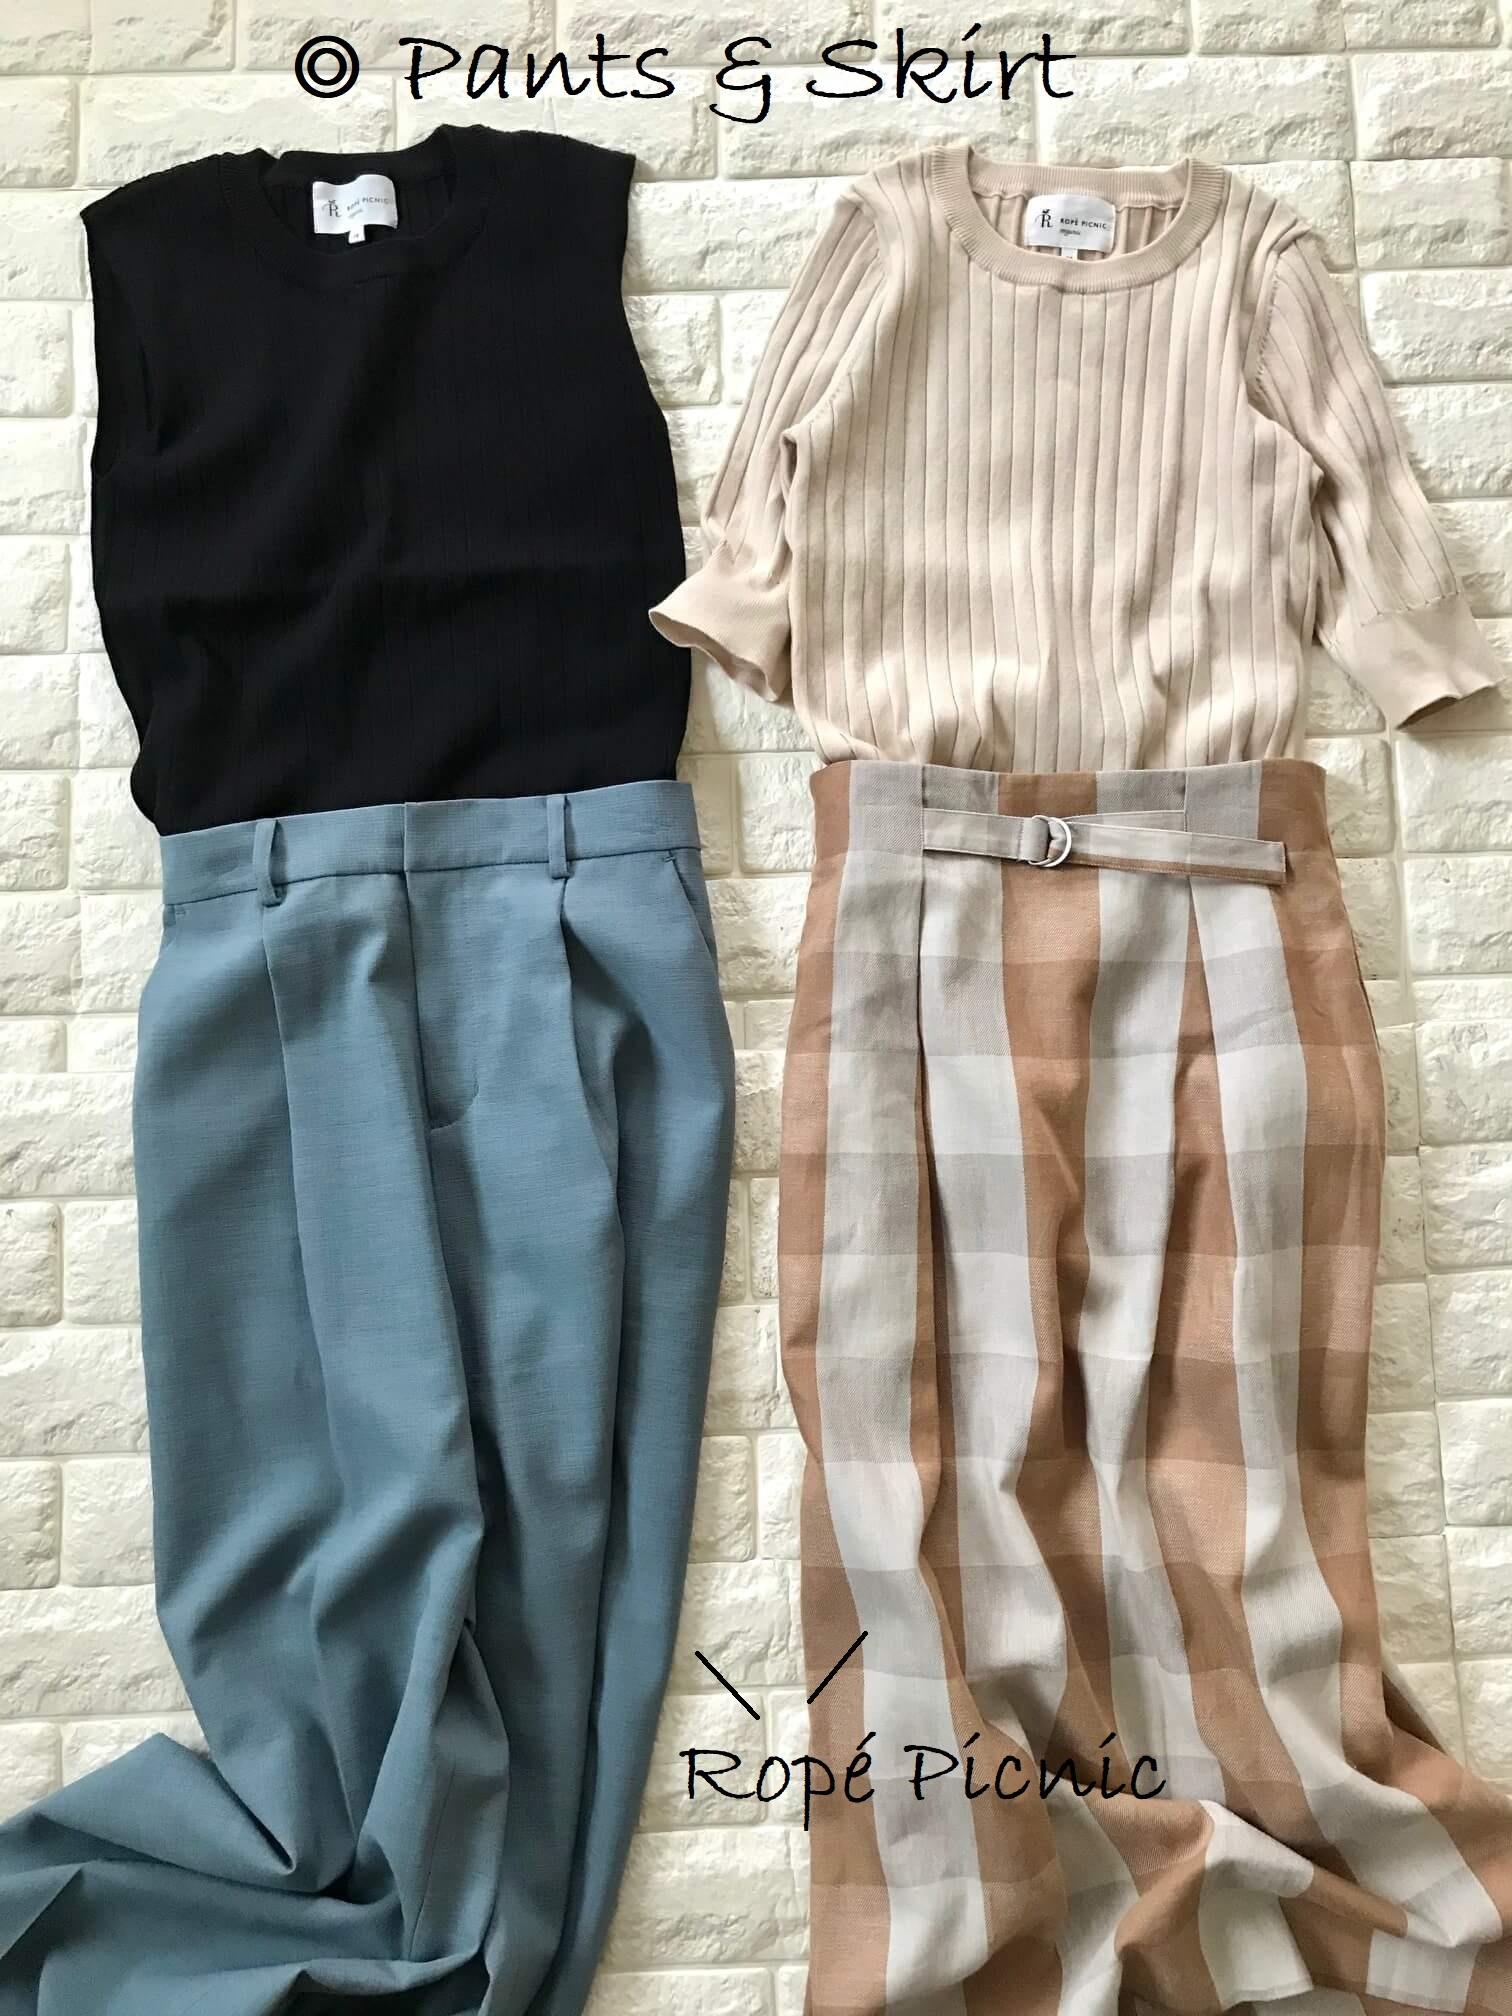 ロペピクニックのニットとパンツ&スカートを合わせたコーデ